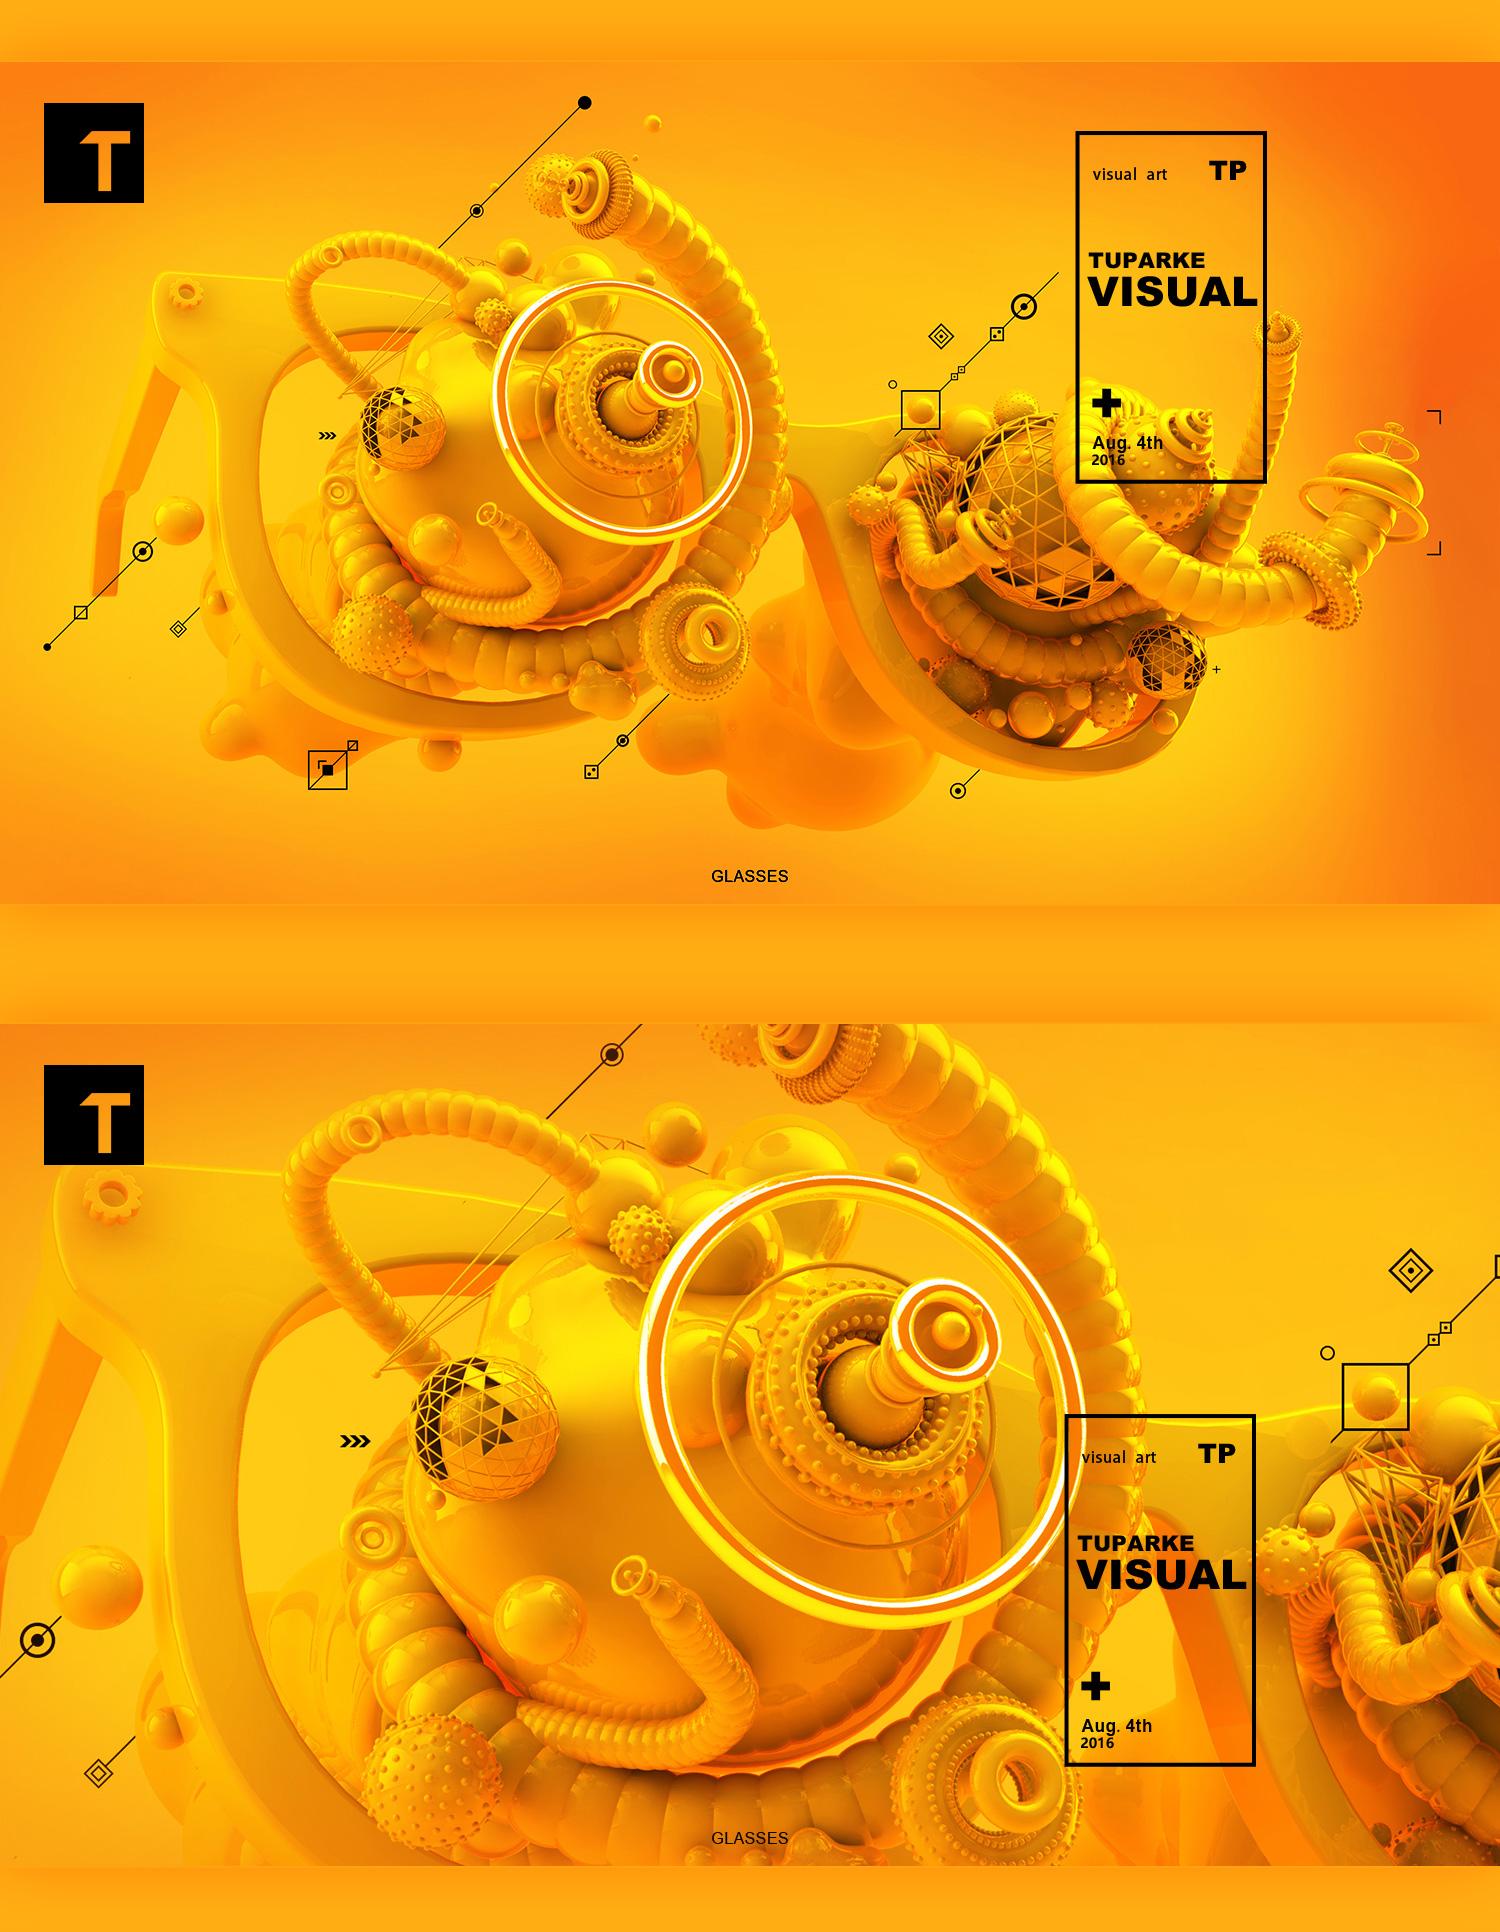 【c4d】glasses眼 视觉设计 |三维|其他三维|tuparke图片